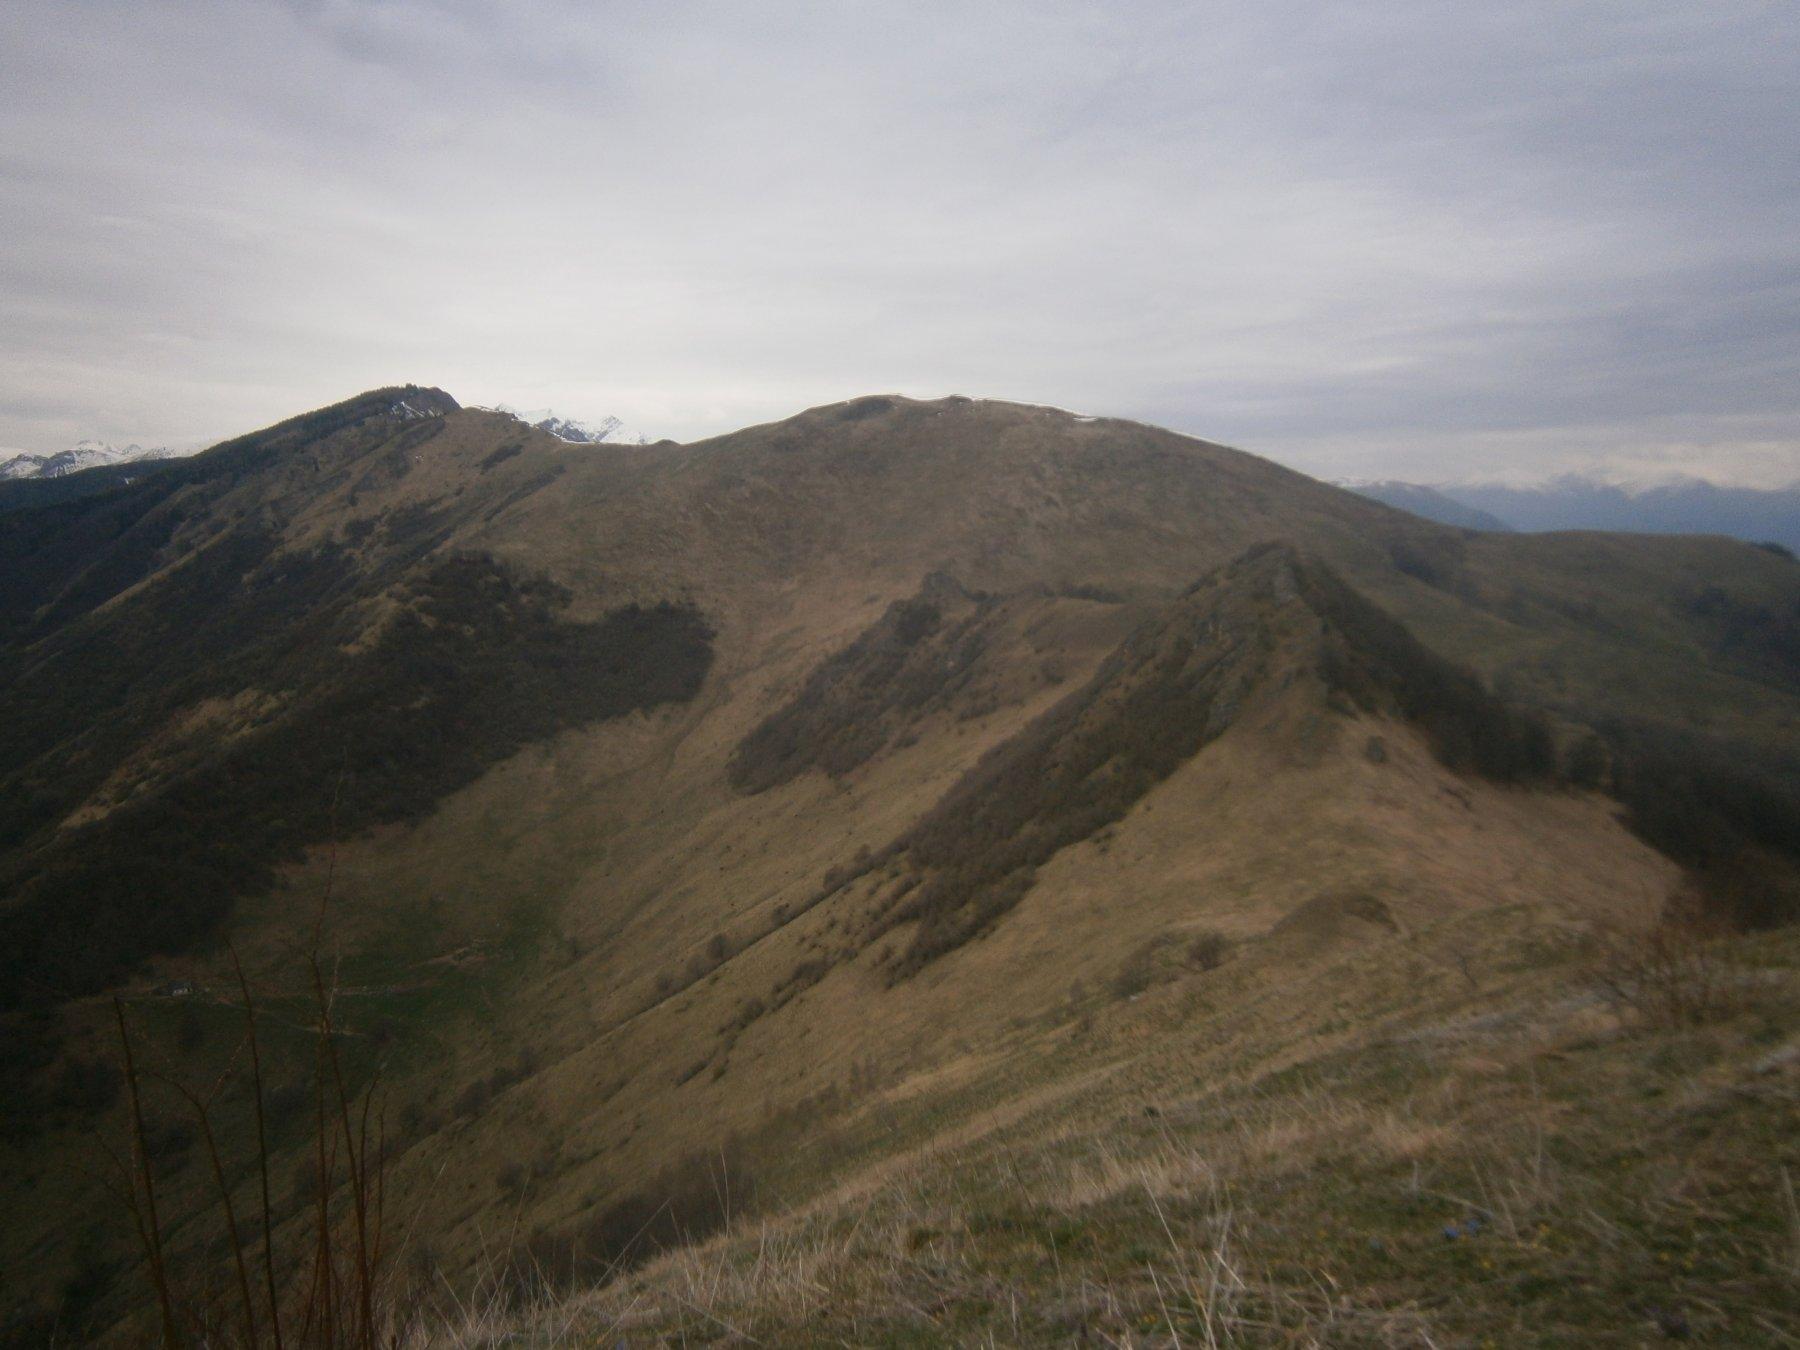 Beccas del Mezzodì e Alpe di Rittana